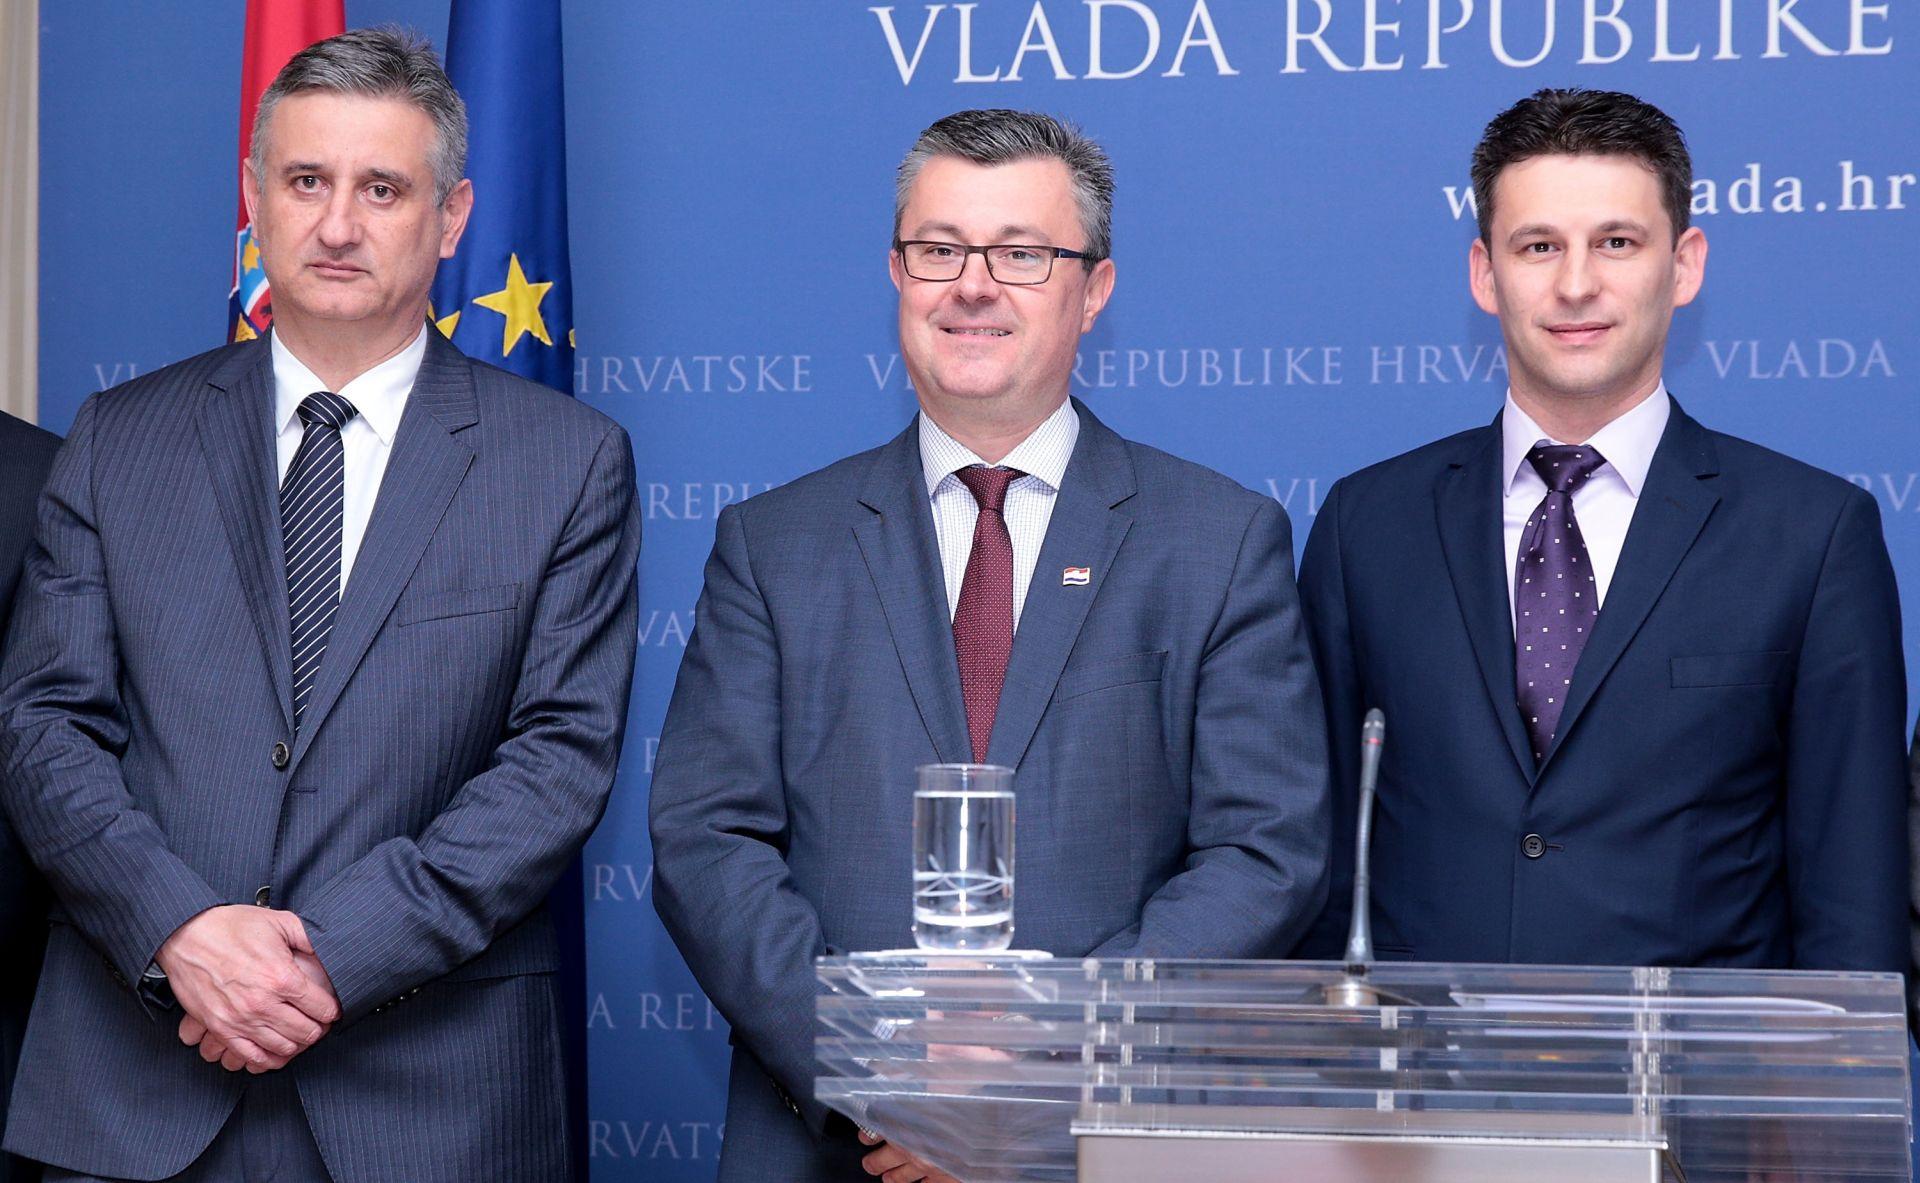 Svjetske agencije o padu hrvatske vlade